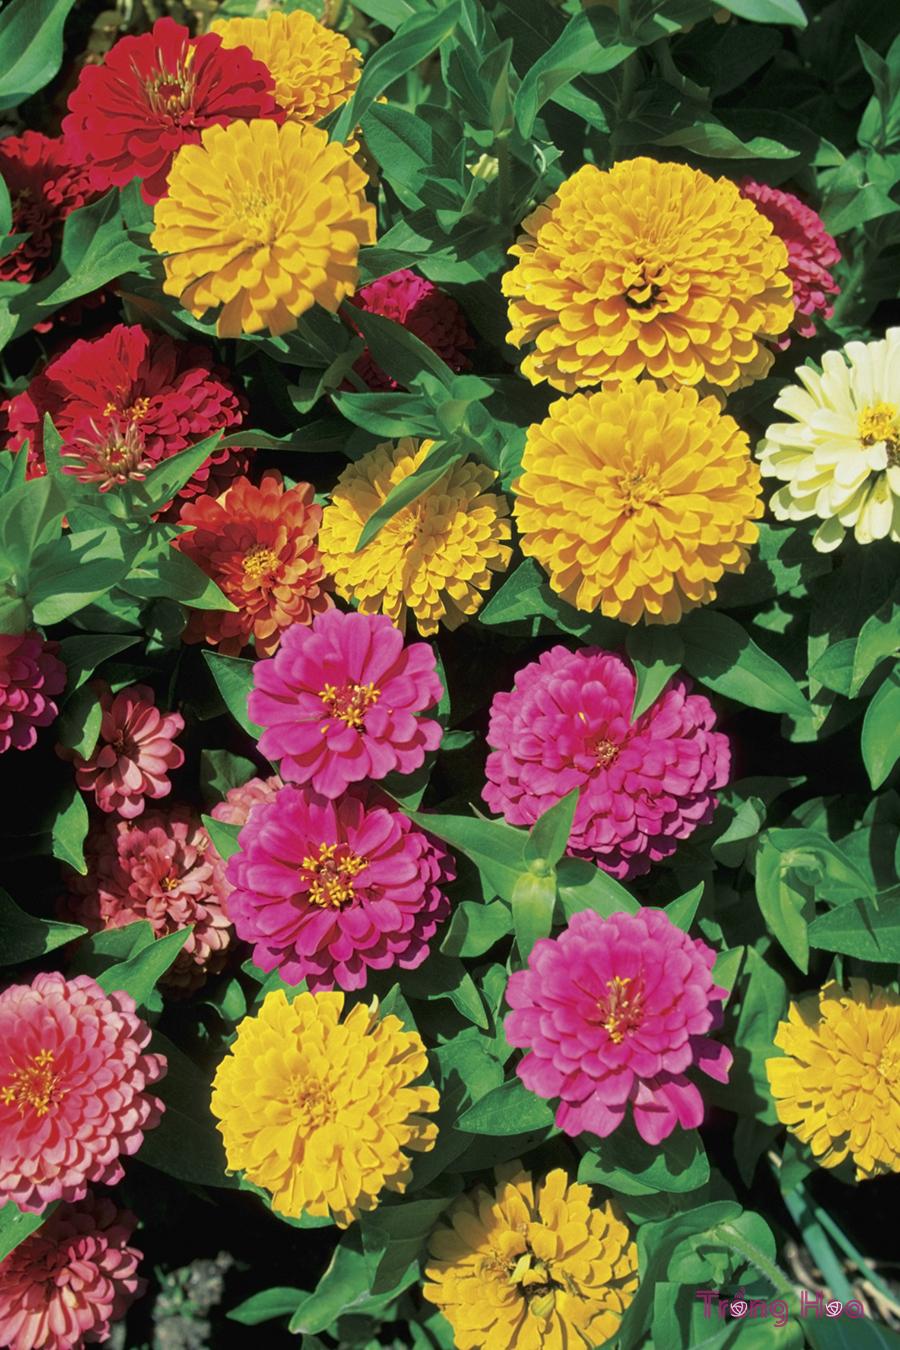 Cách cắt tỉa hoa cúc ngũ sắc